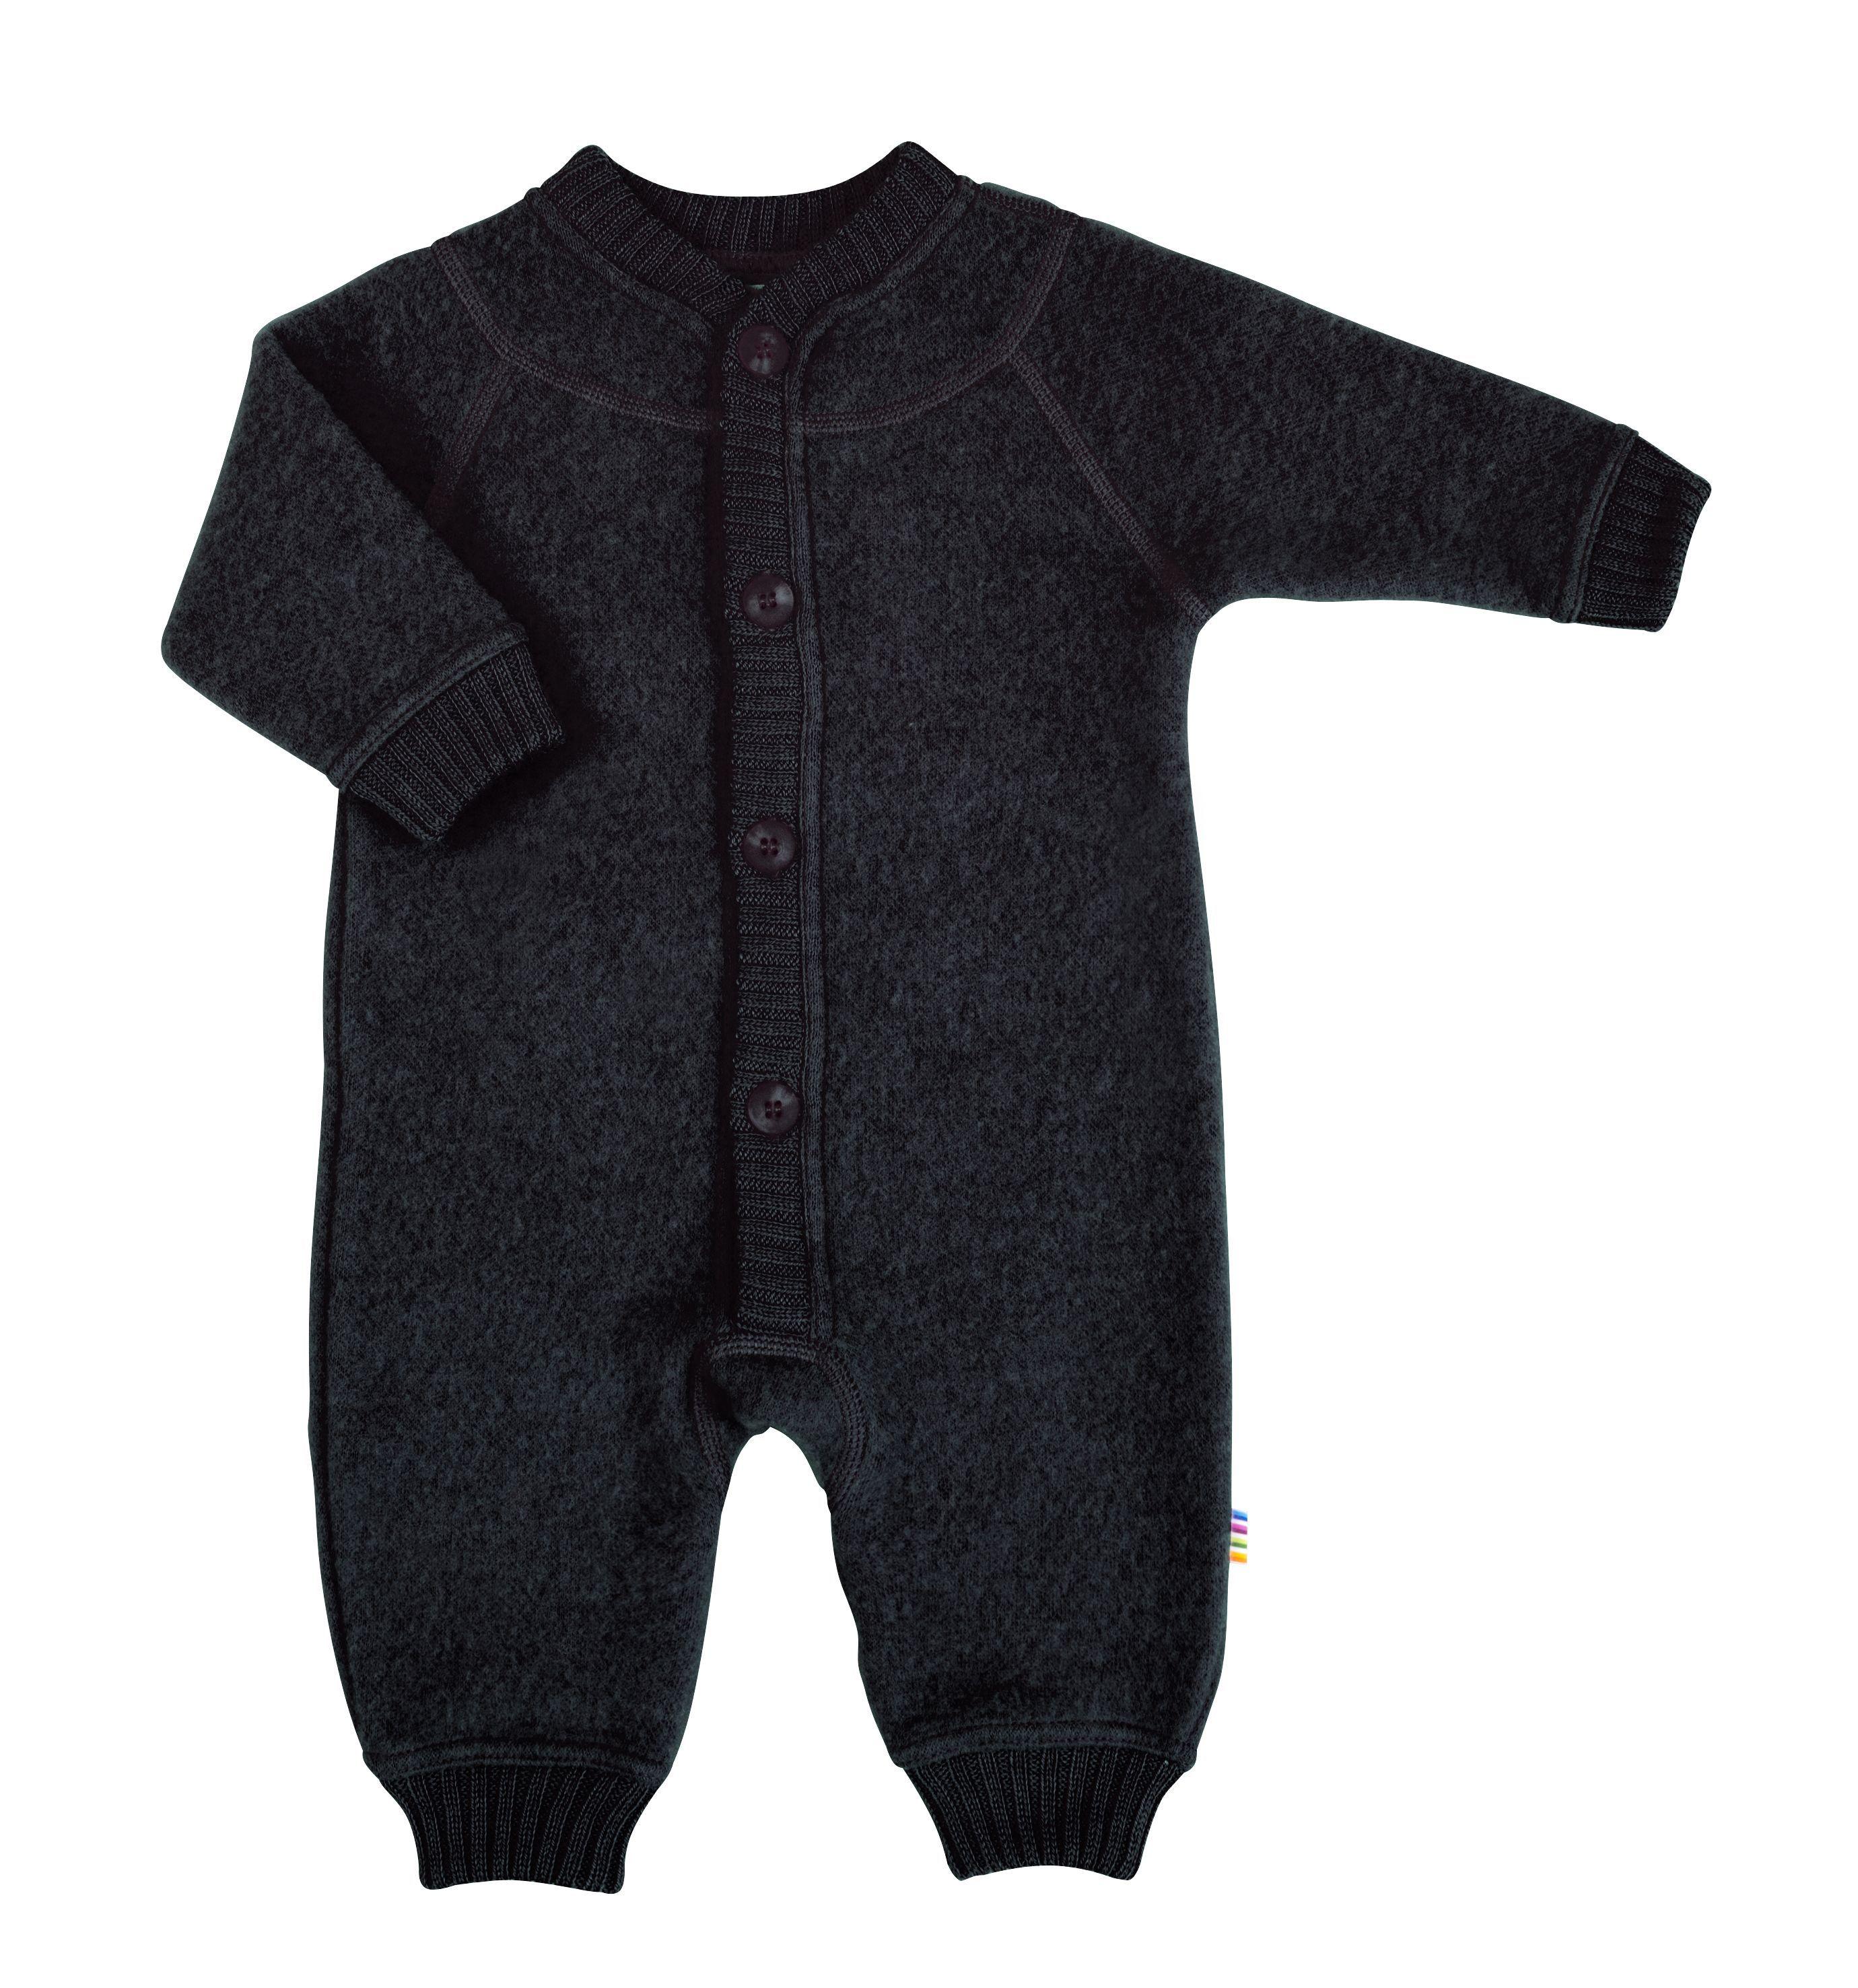 Image of   Soft wool køredragt m. knapper fra Joha - Sort